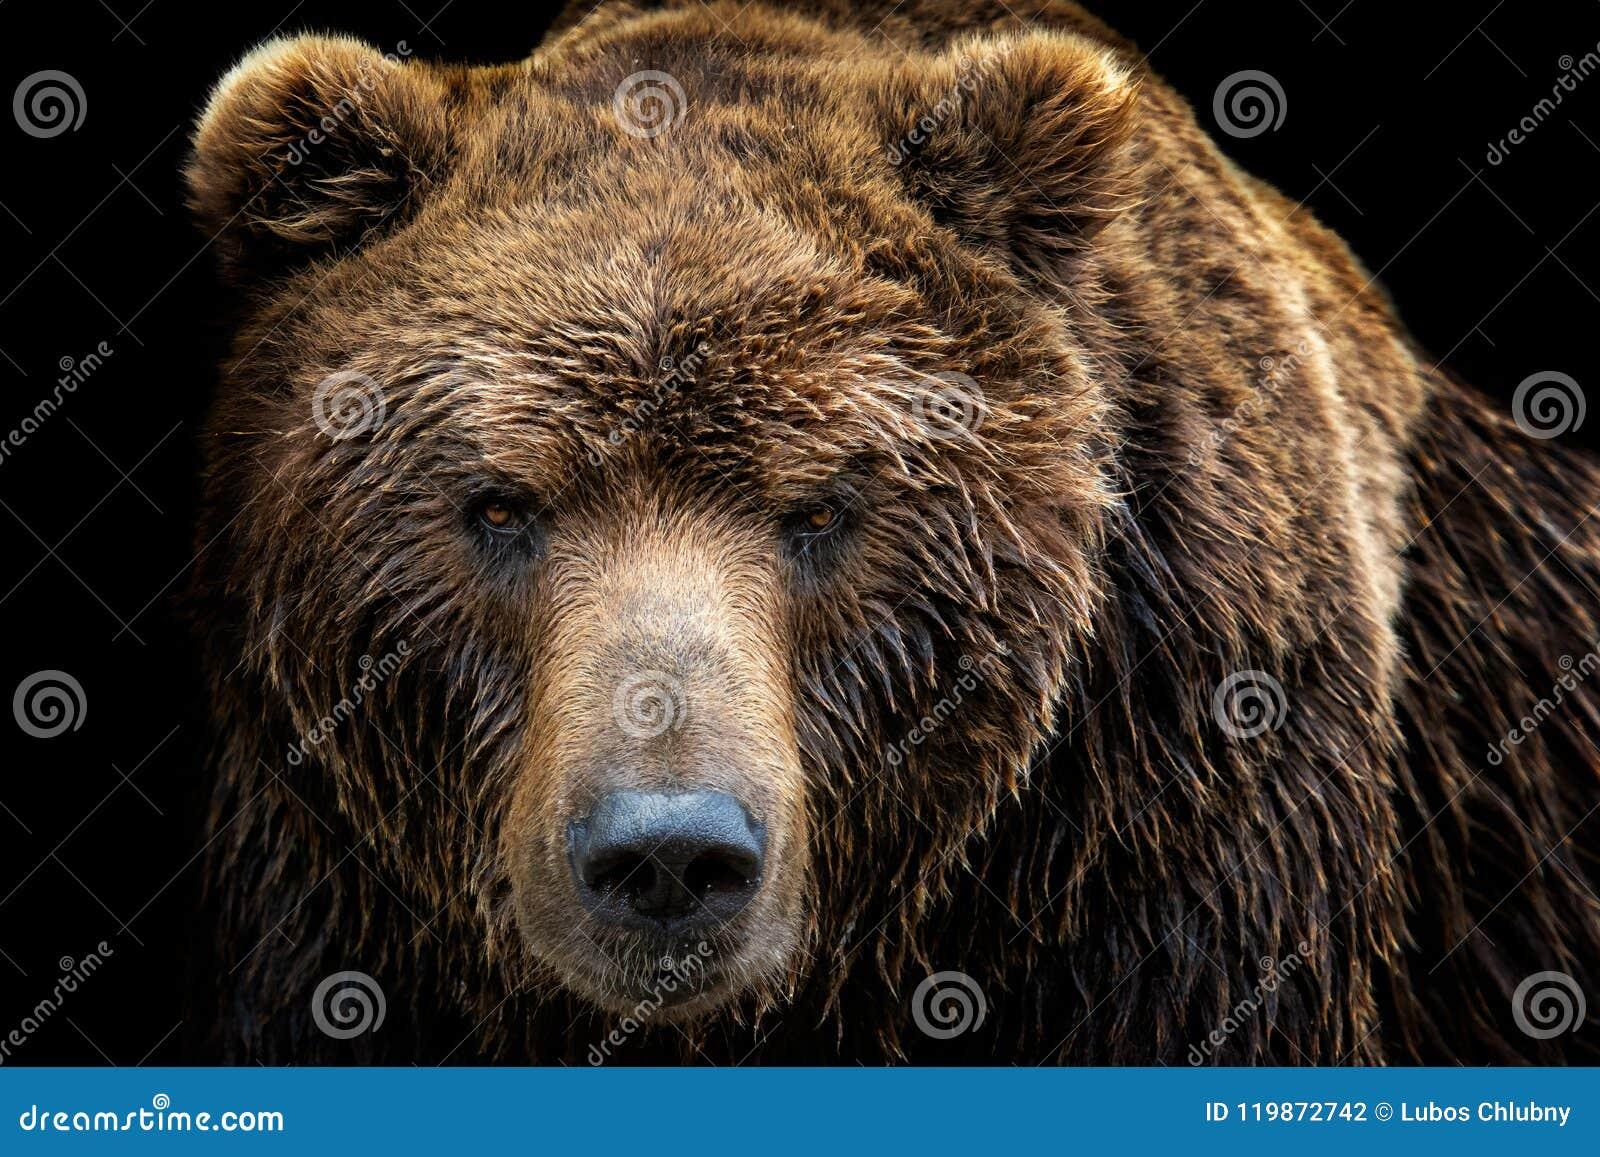 Вид спереди бурого медведя изолированное на черной предпосылке